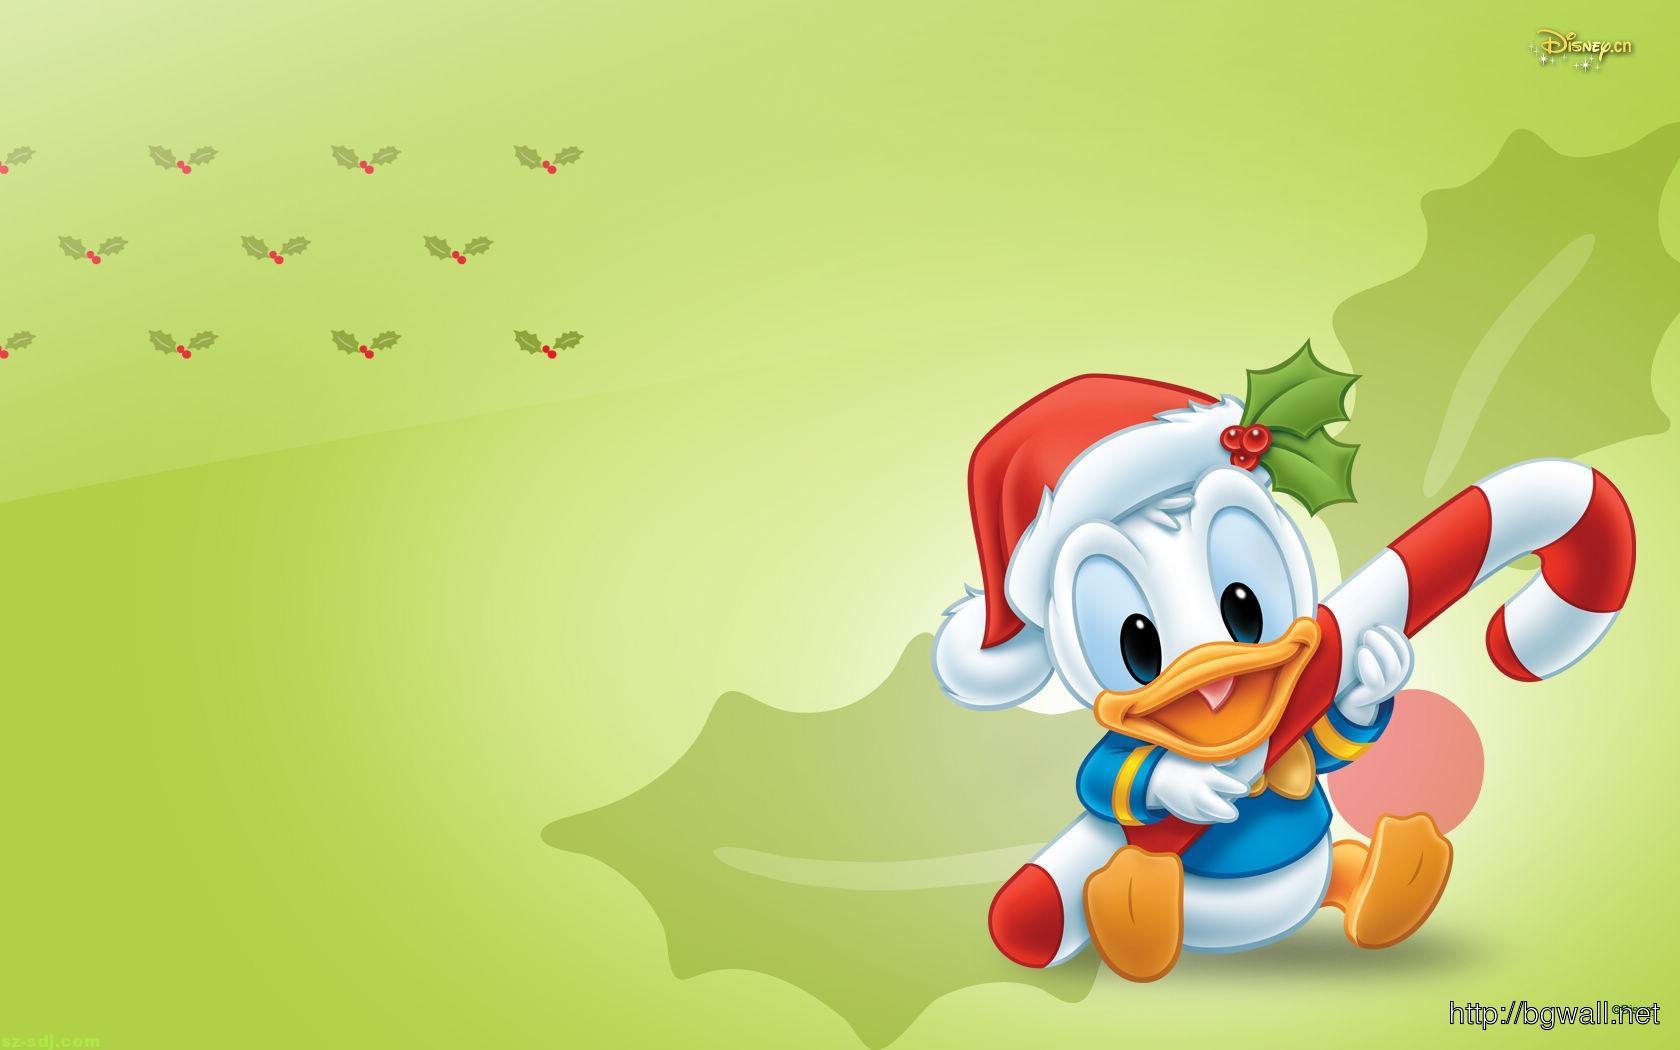 cartoon-donald-duck-wallpaper-pc